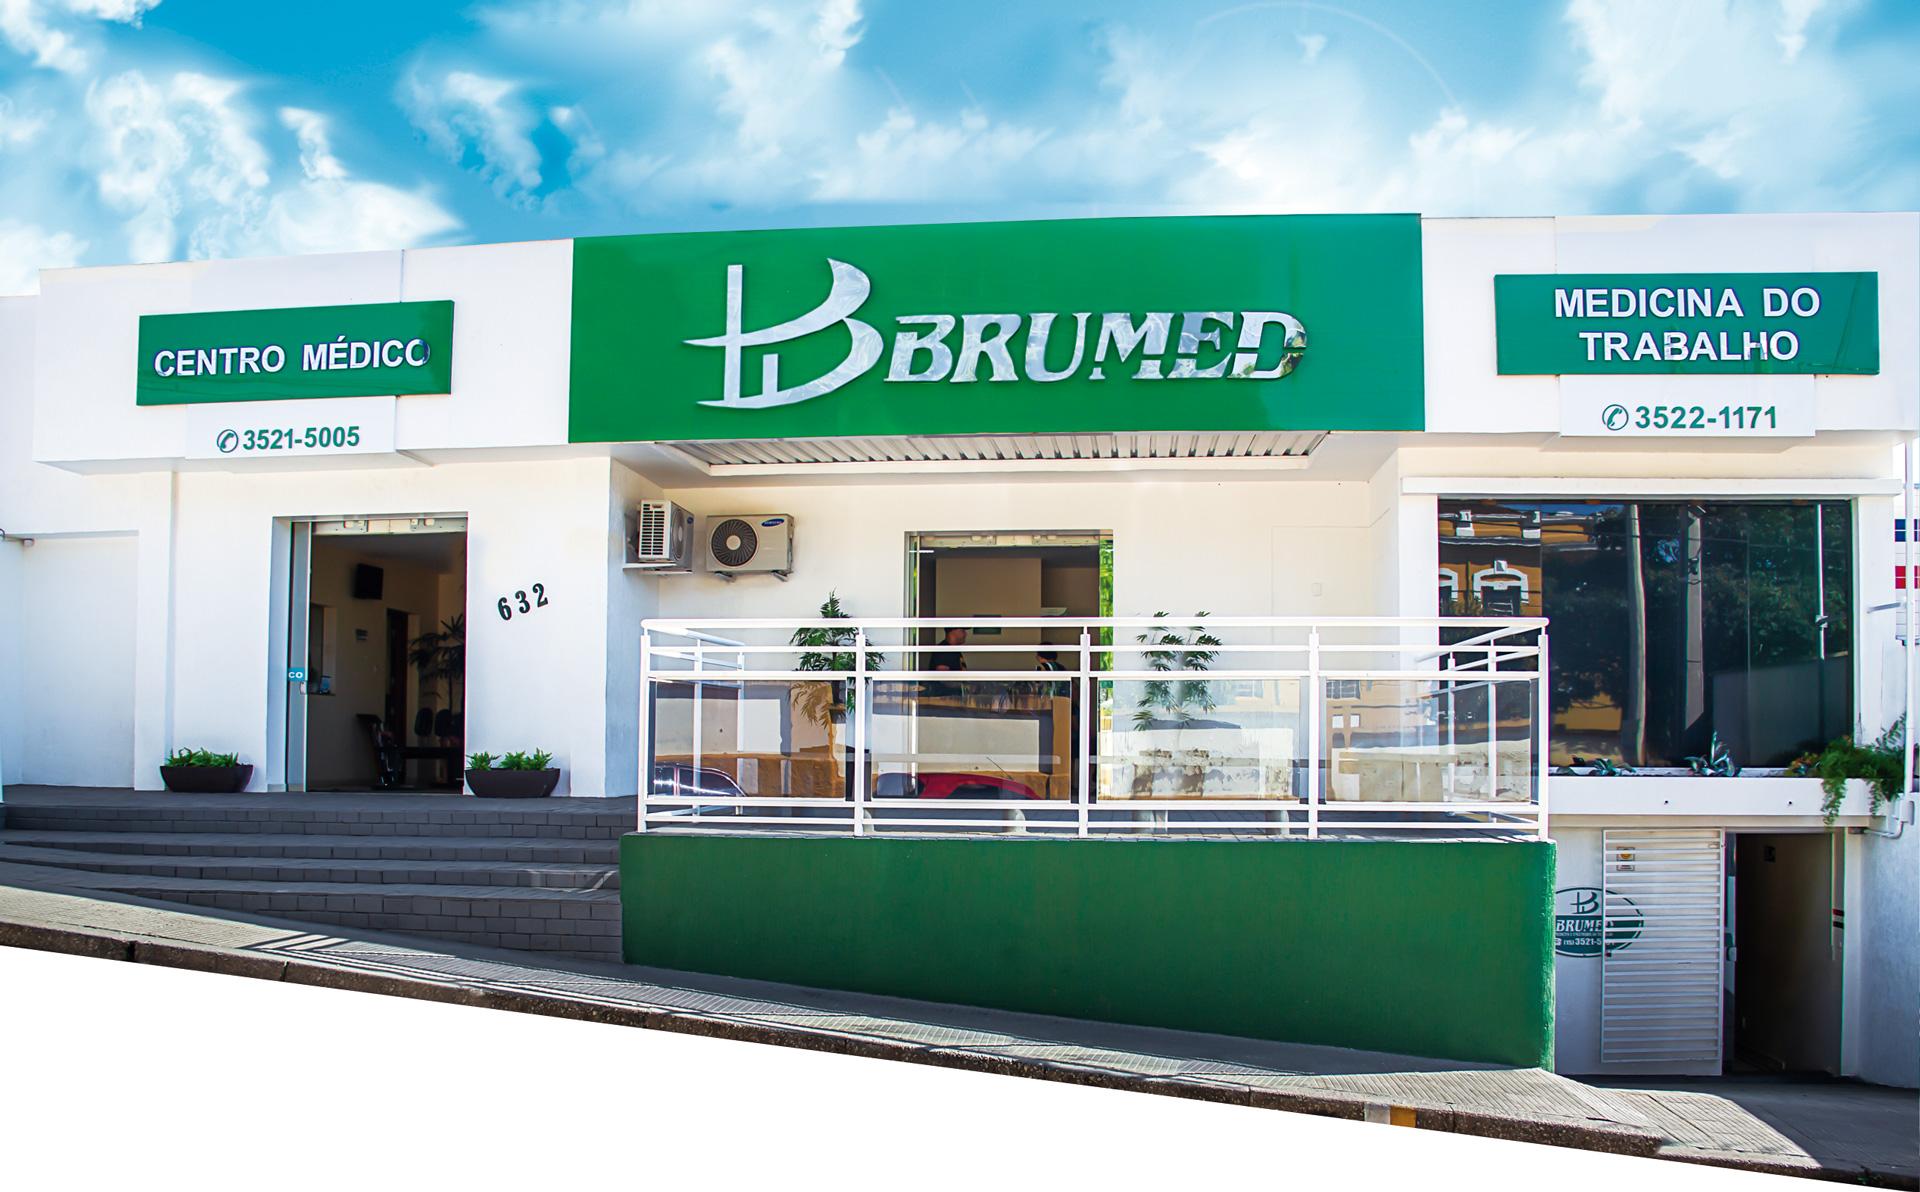 Matriz Brumed | Brumed